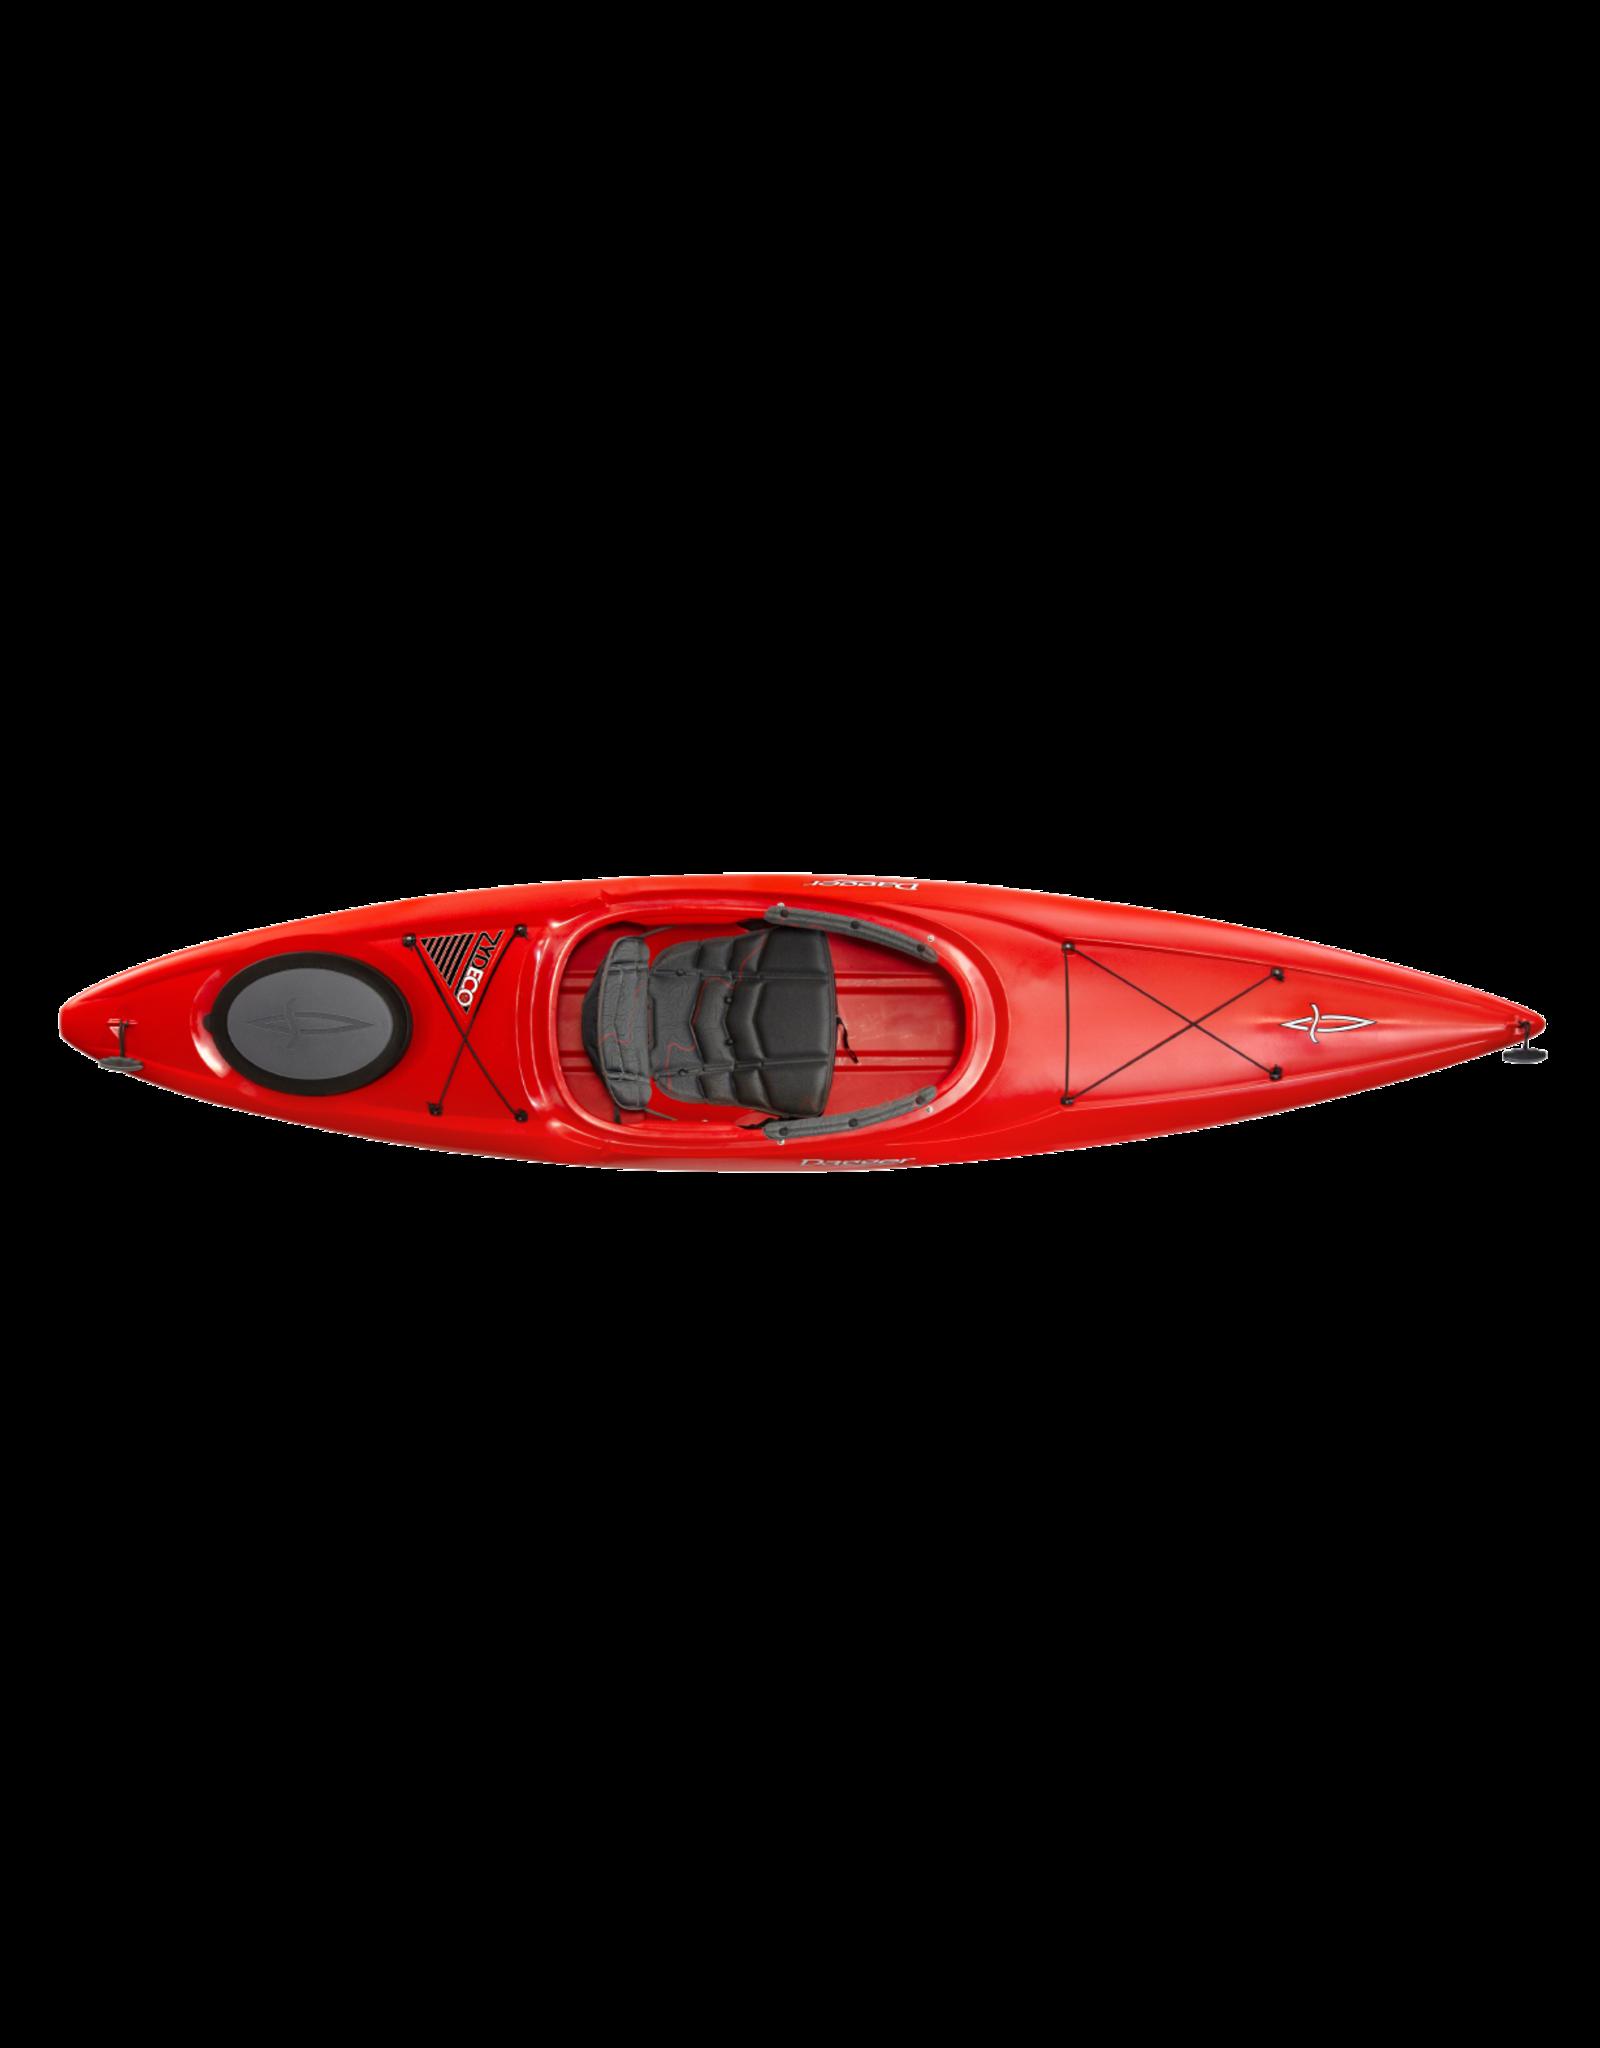 Dagger Dagger Kayak Zydeco 11.0